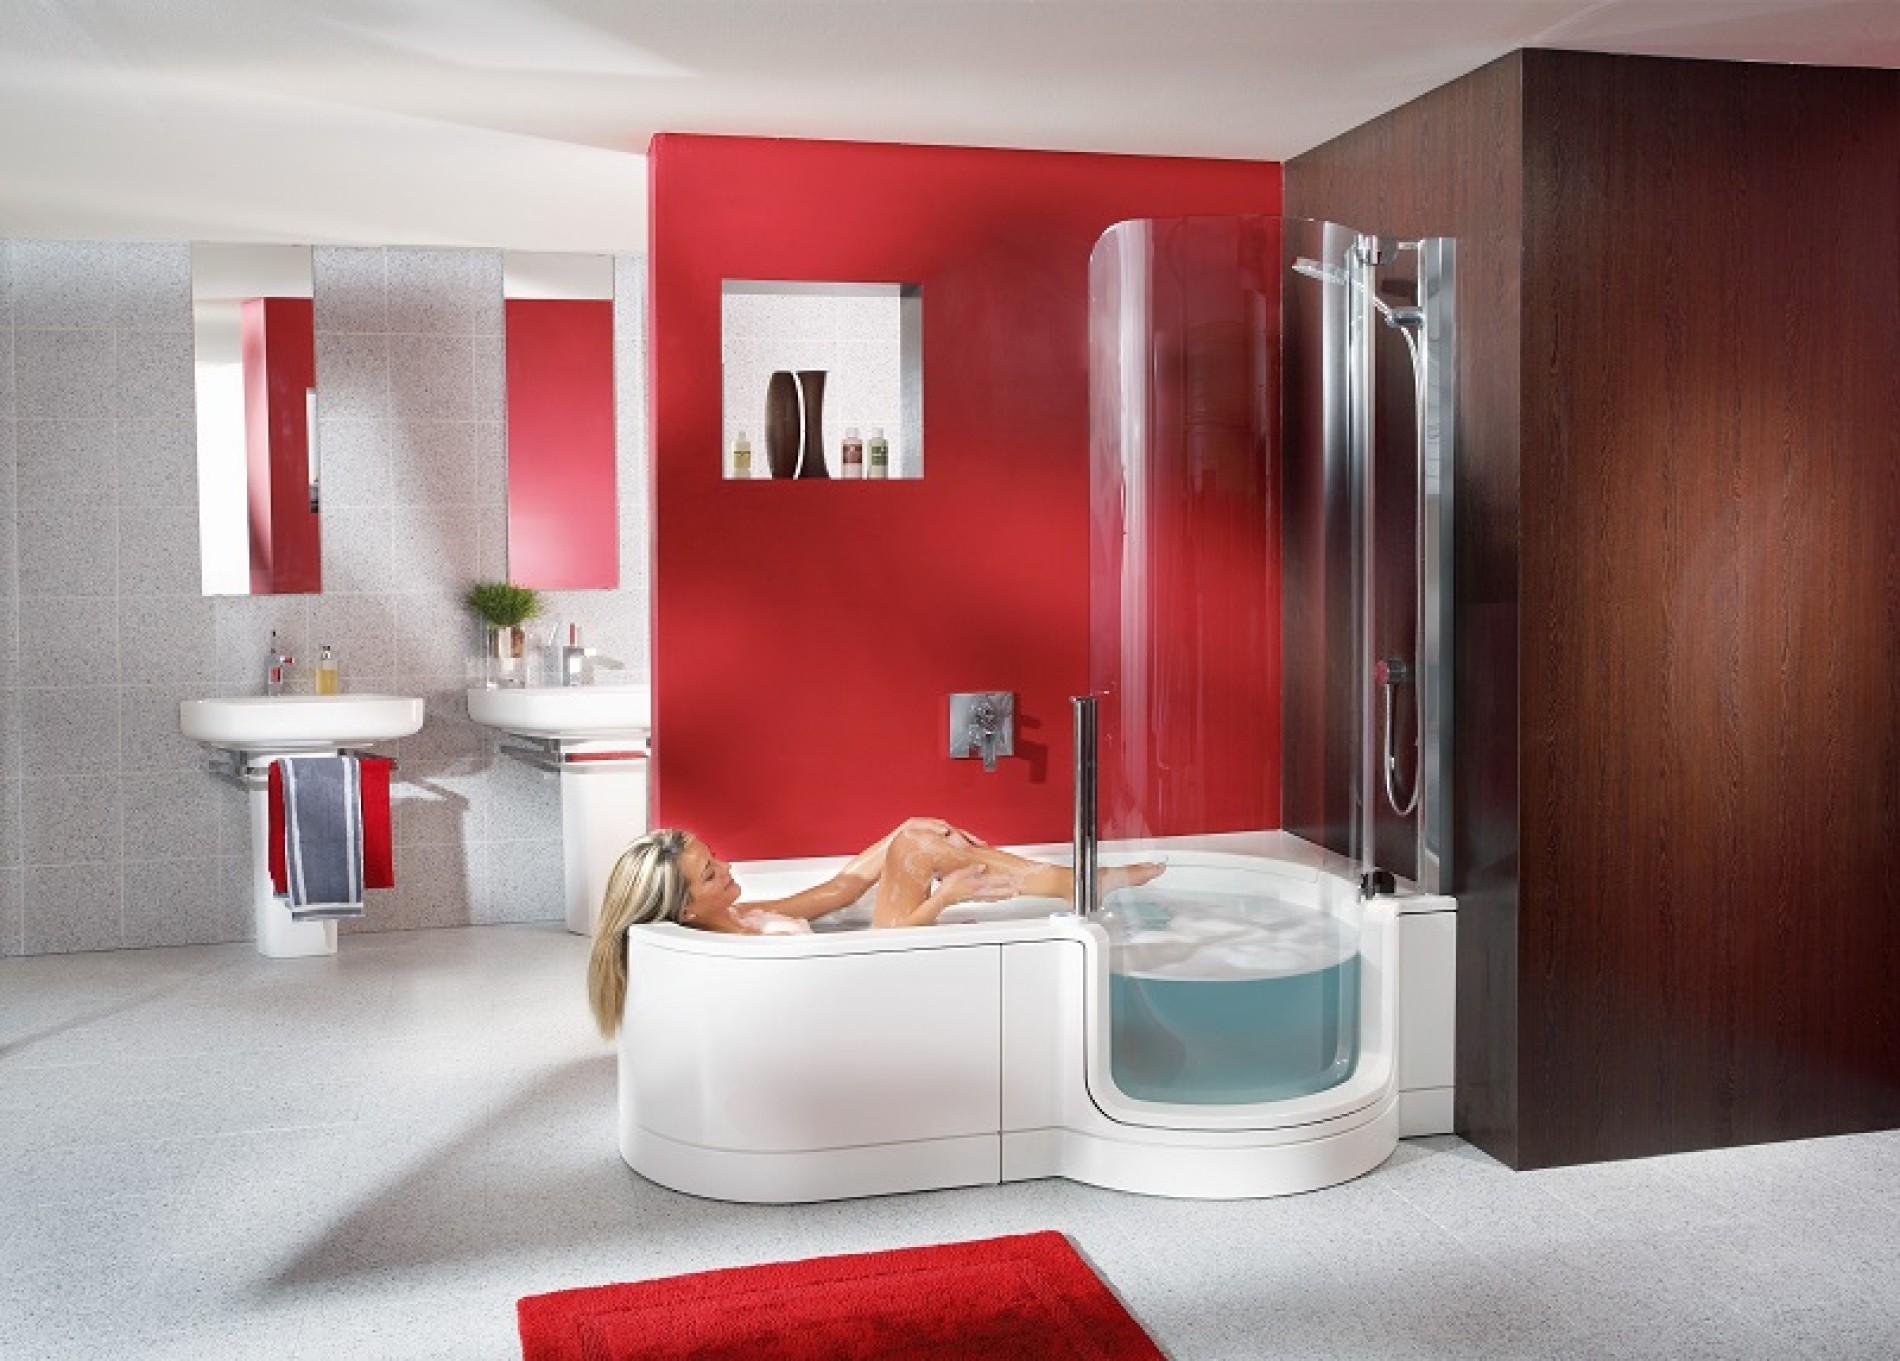 Dusch Badwannen Kombination Die Badewanne Der Zukunft 50 Plus Wohn Lebensqualitat Faz